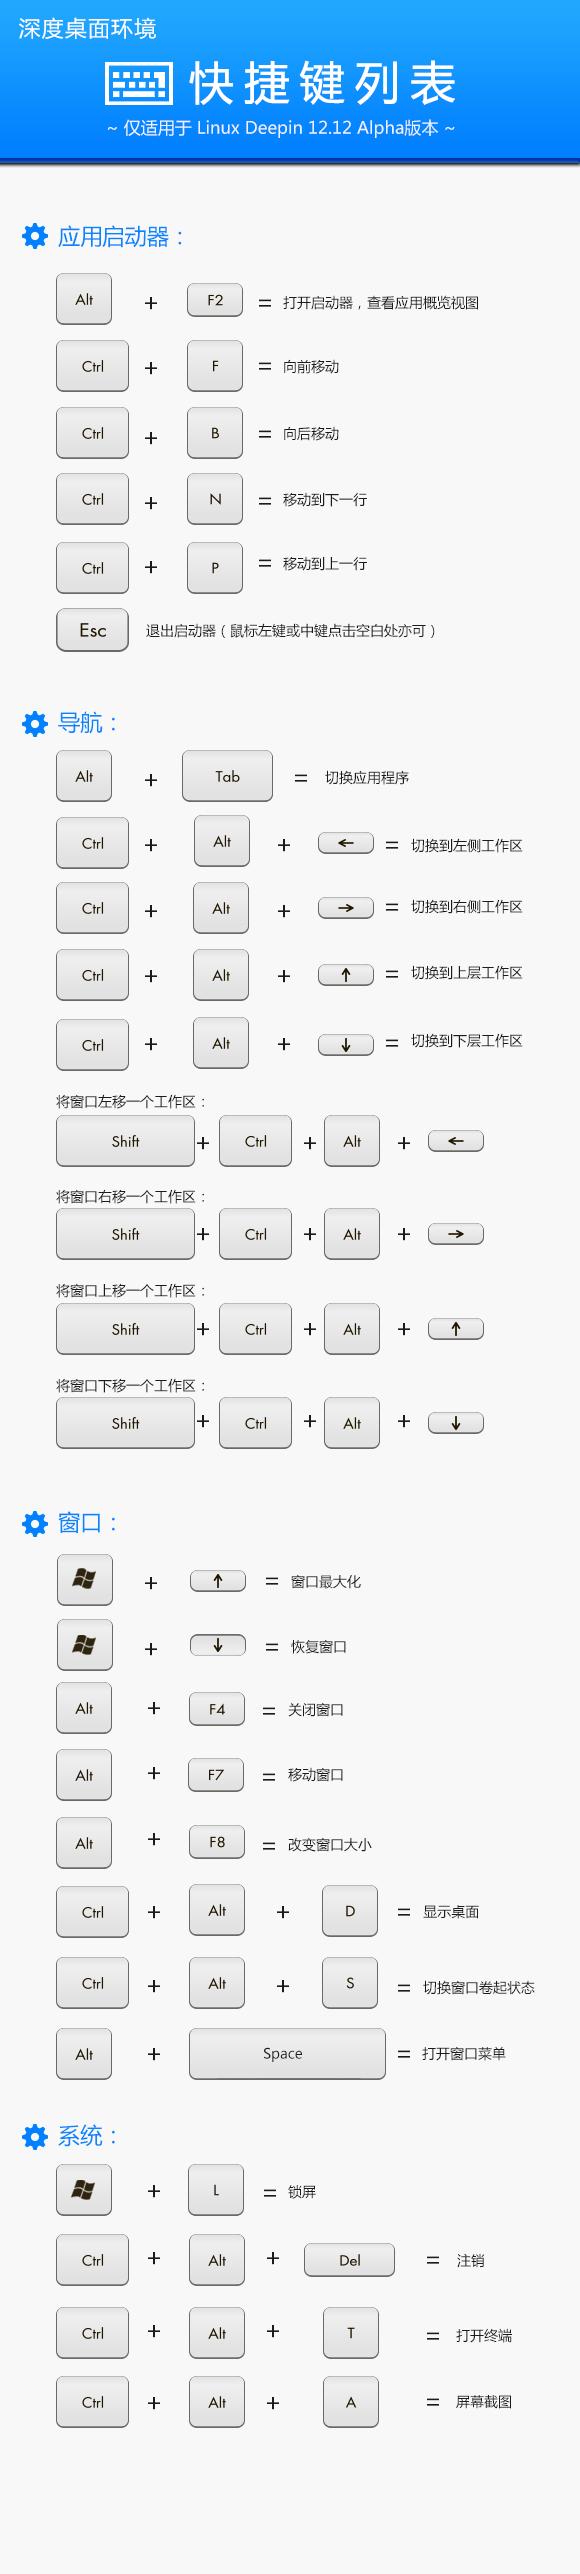 (图)深度桌面环境常用快捷键